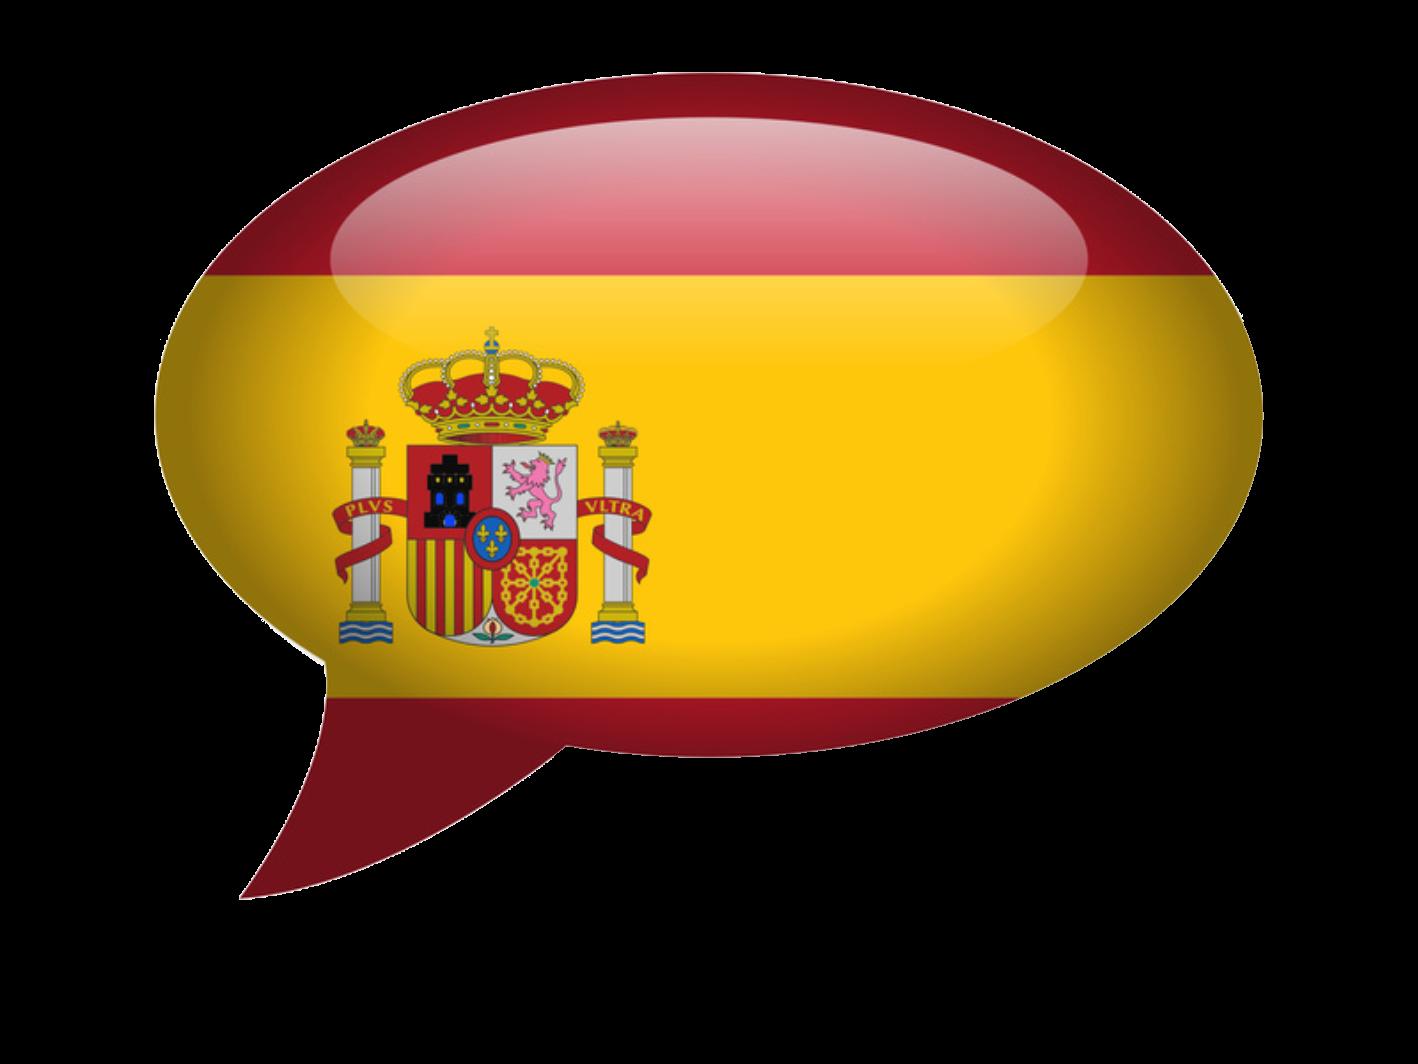 Aprender espanhol mais rápido